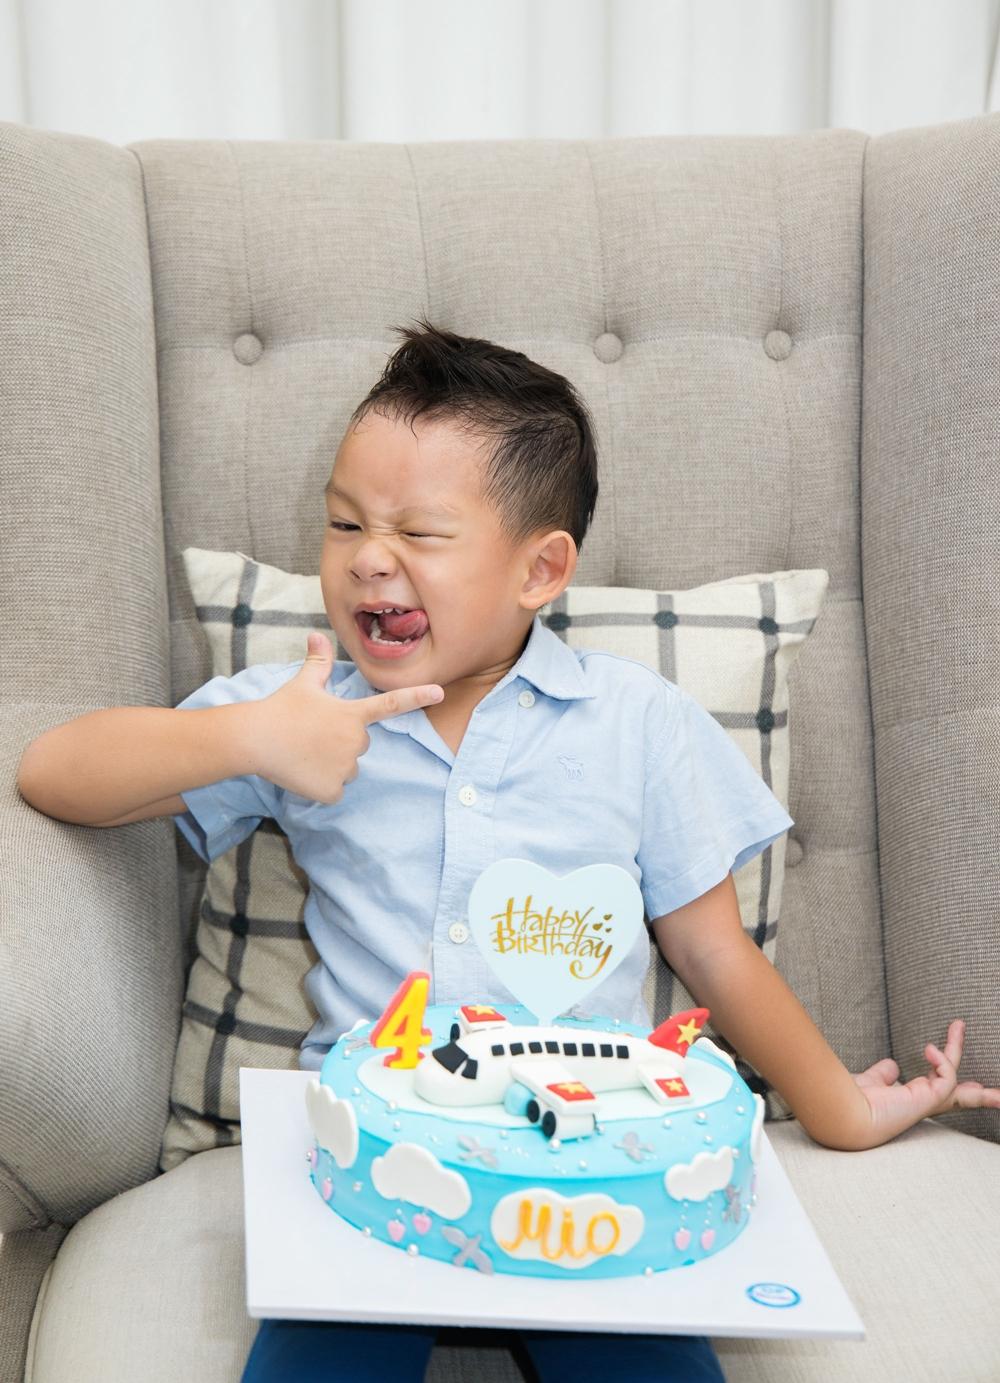 Minh Hà chia sẻ, thường sinh nhật một tuổi của các con gia đình sẽ làm hoành tráng. Từ hai tuổi trở lên sẽ đơn giản hơn vì thích sự ấm cúng.